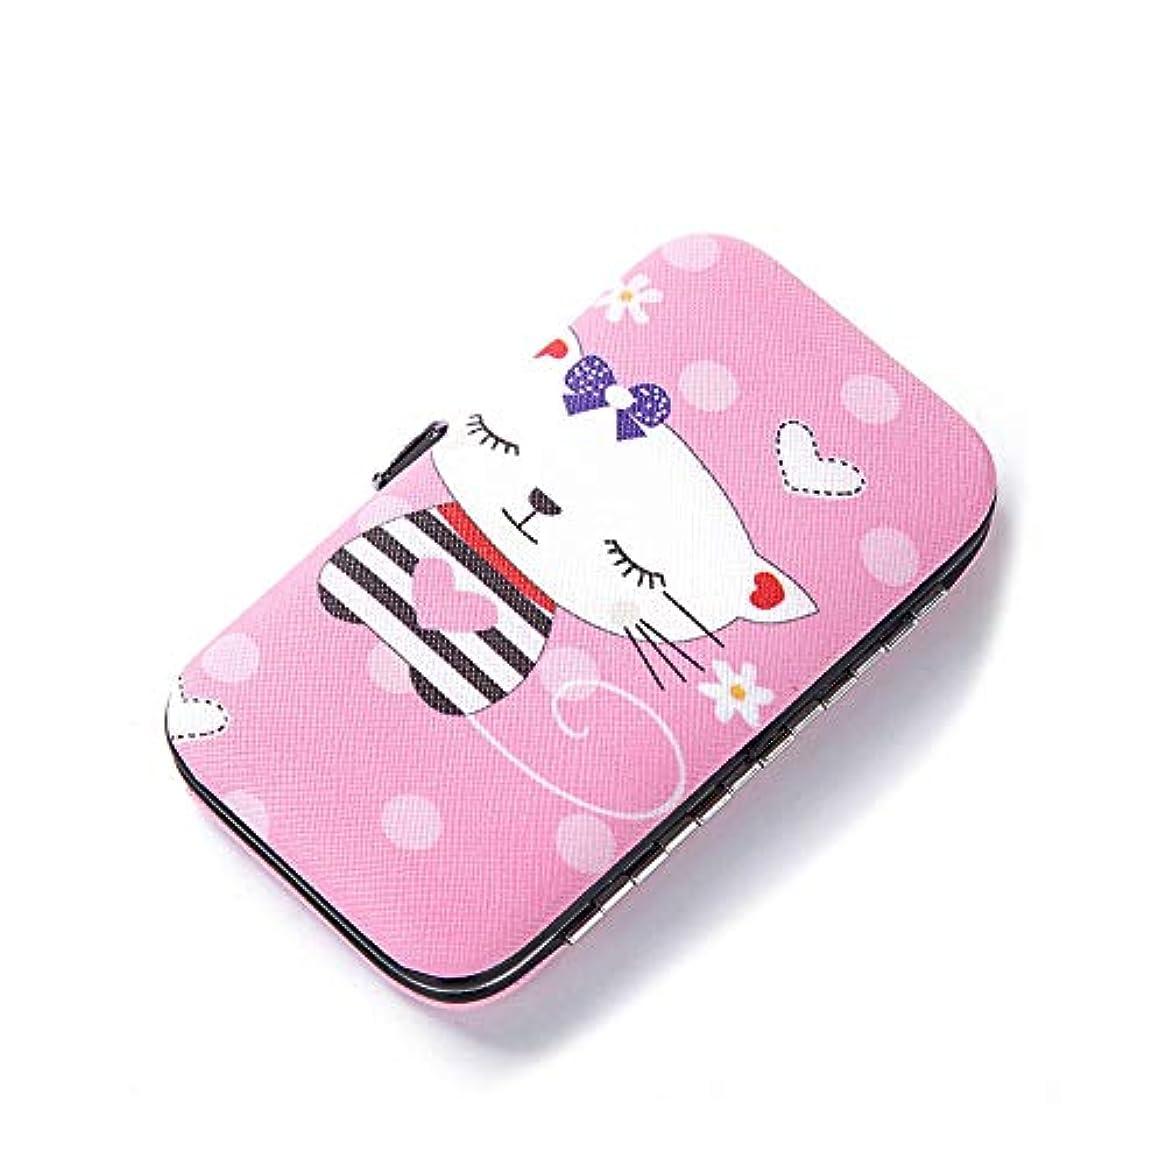 ピラミッド順番選択Snner ビューティセット 爪切り 爪磨き 毛抜き ハサミ 耳かき 携帯 持ち運び 旅行 キャラクター (Pink cat)